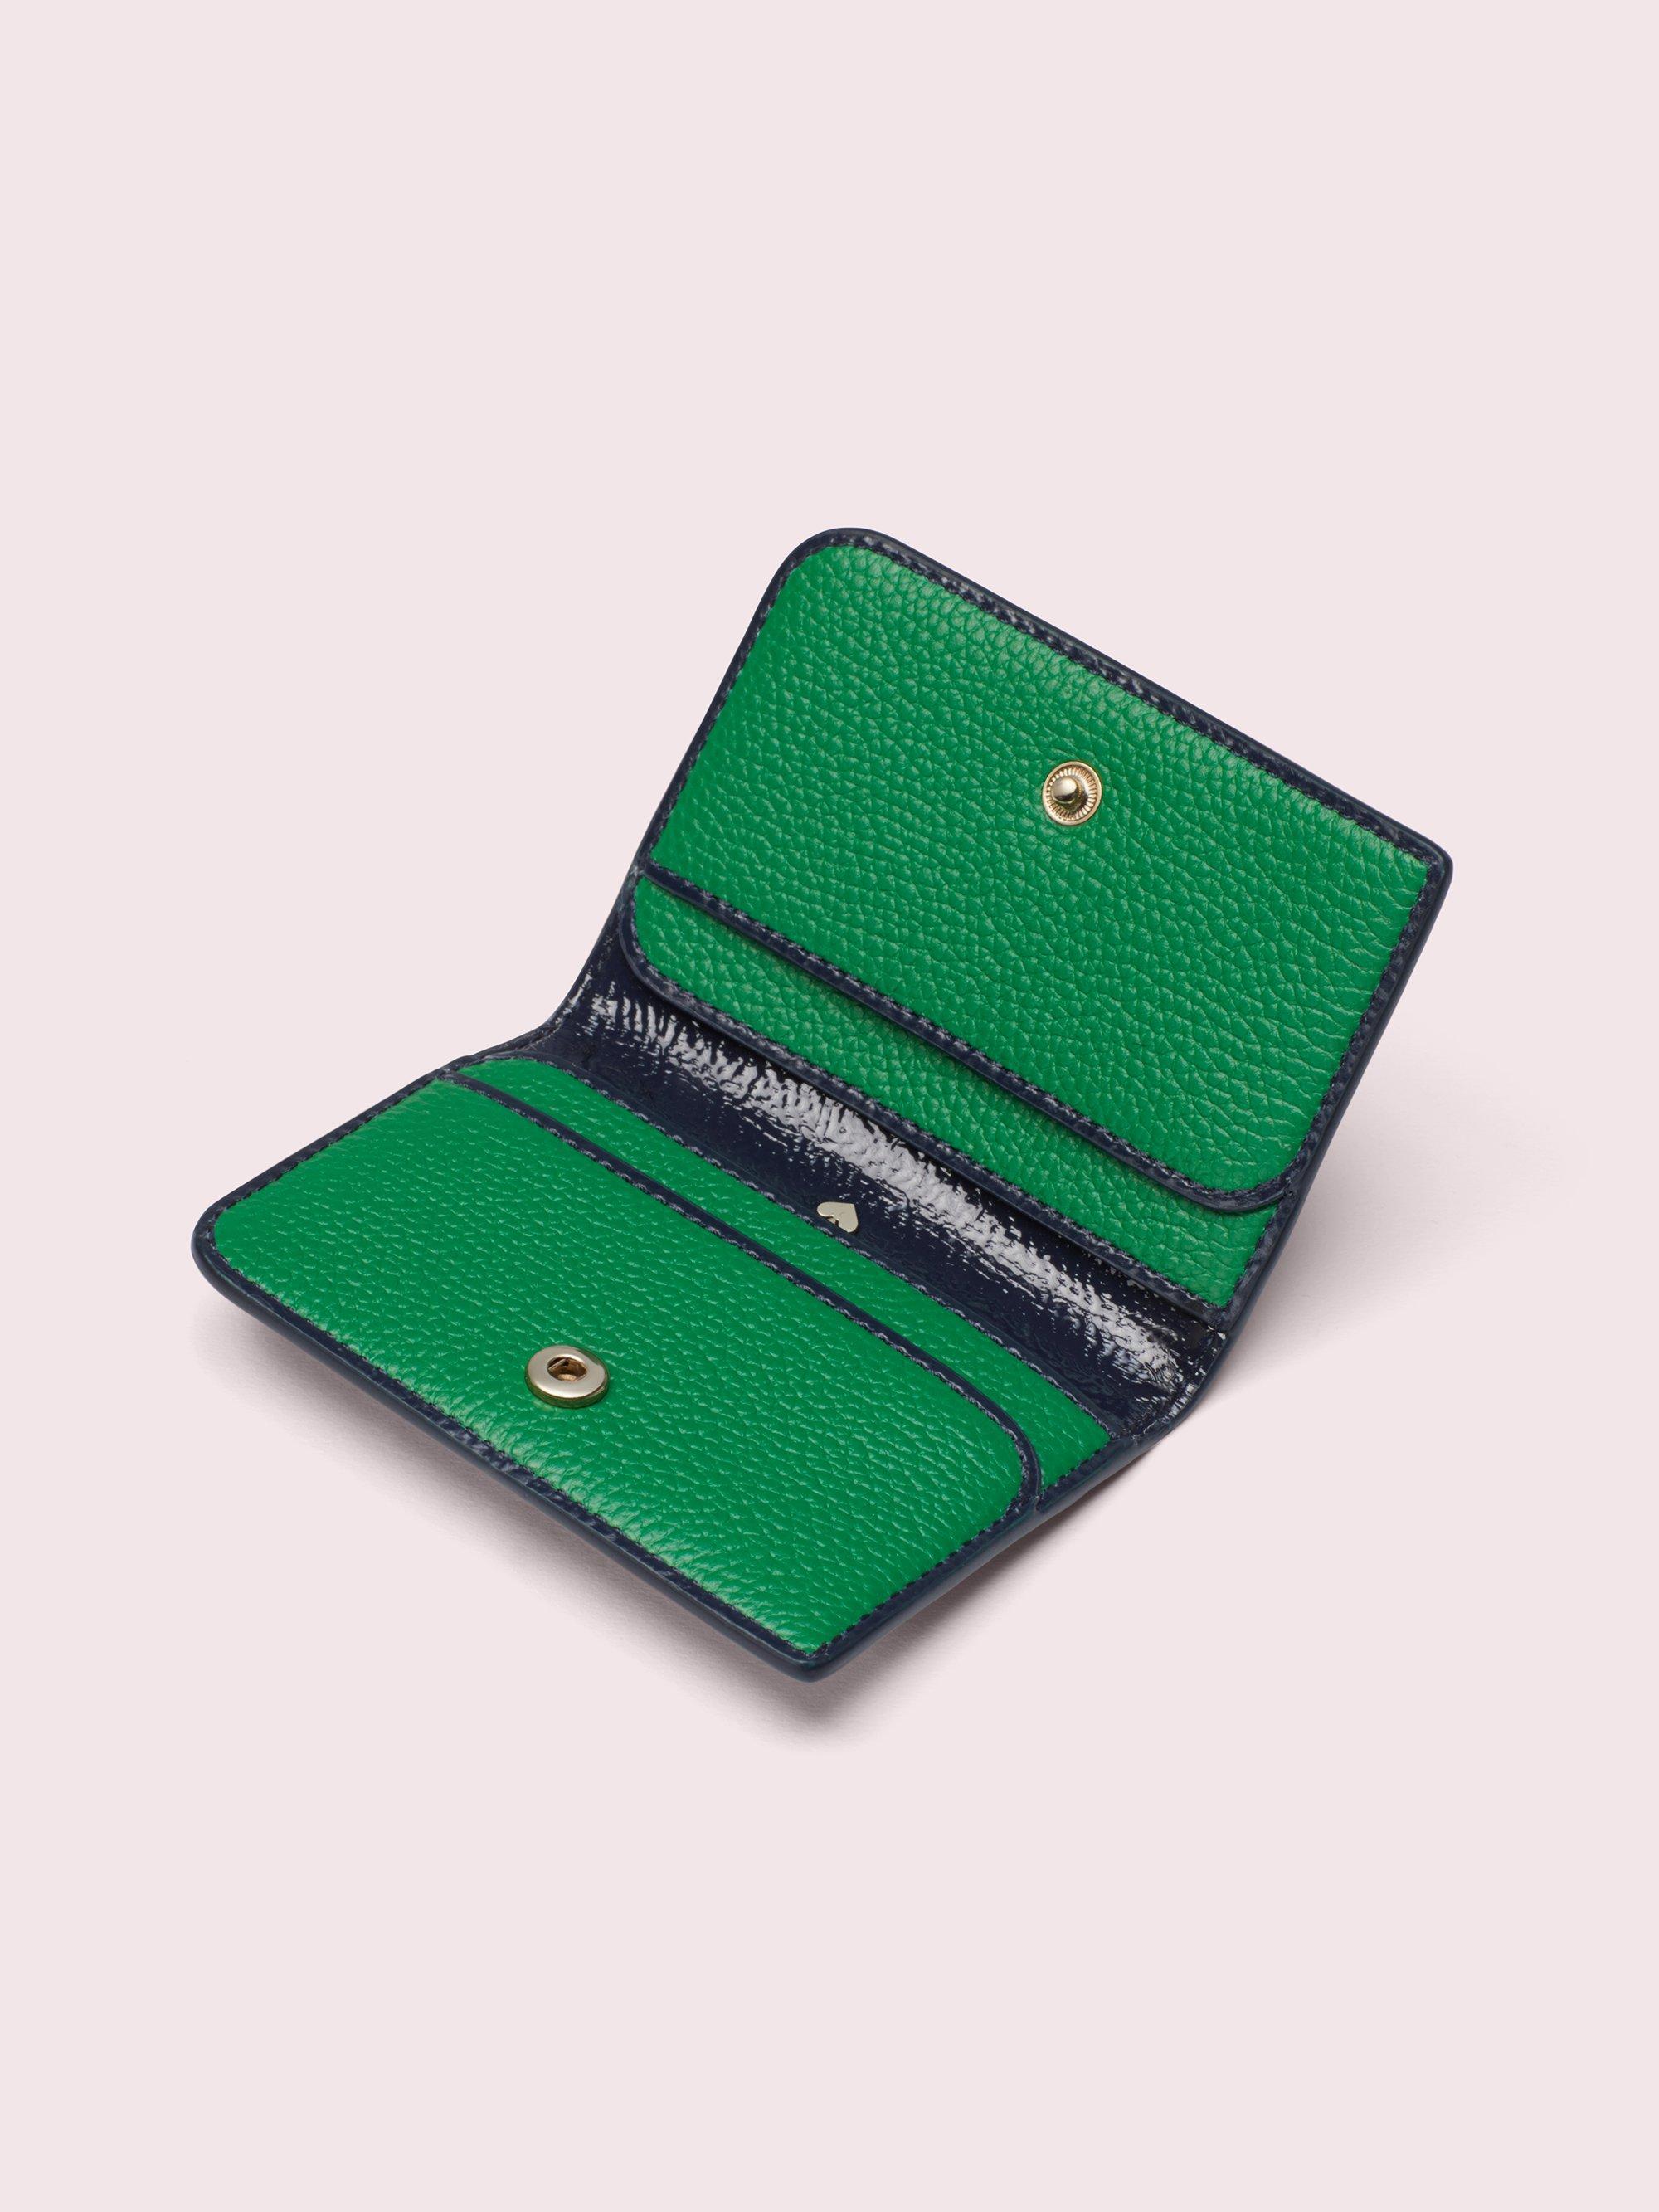 kate spade card holder green  Sam Bifold Cardholder